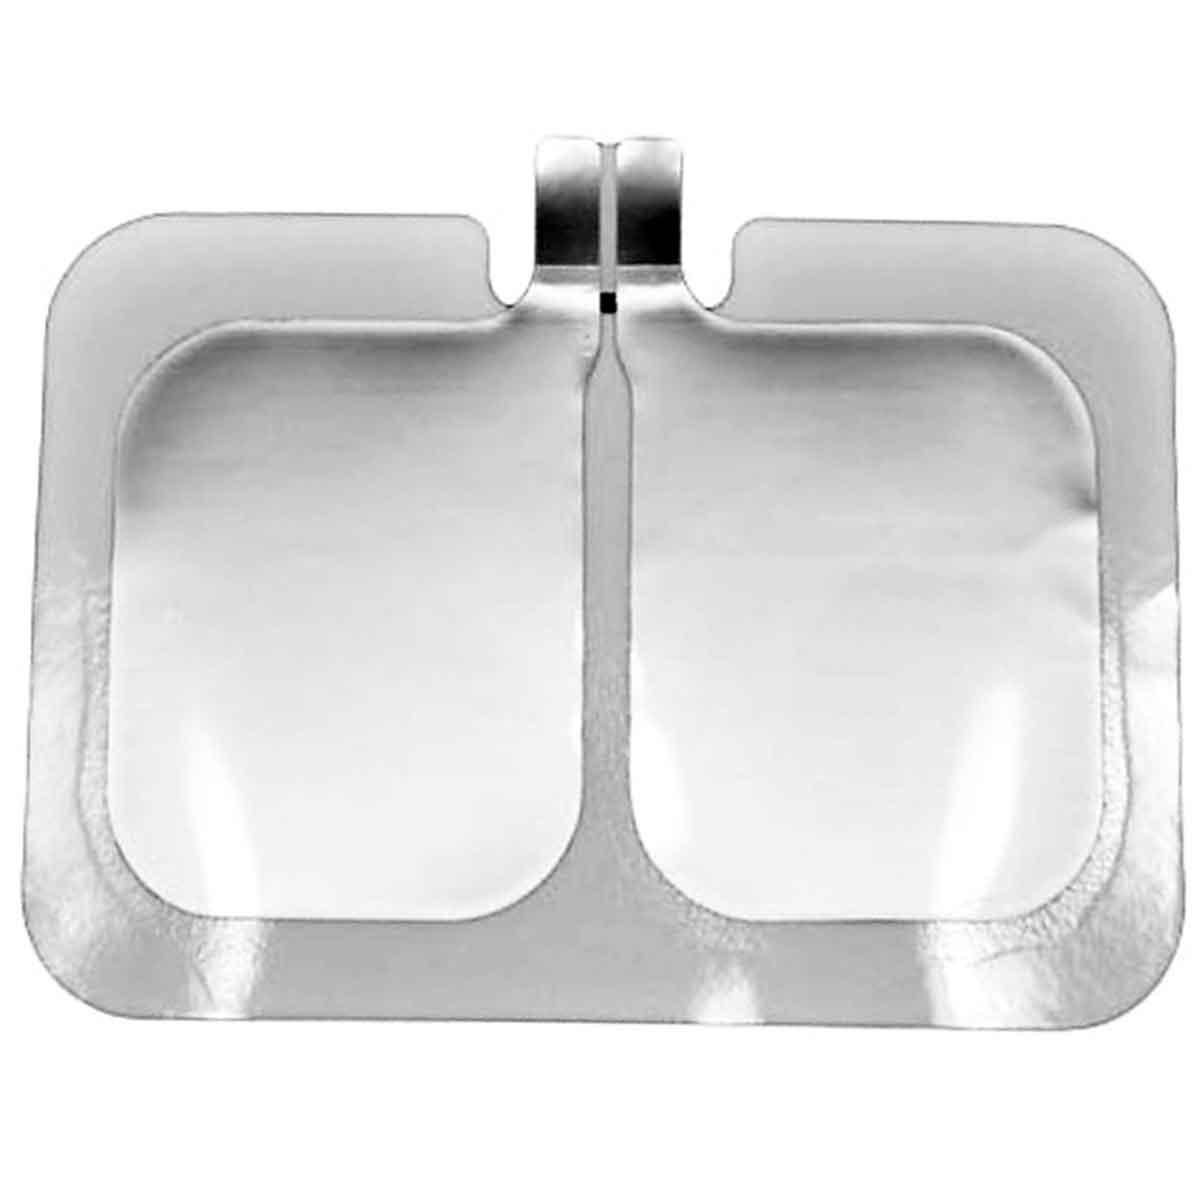 Placa neutra eletrocirurgica bipartida descartável  para bisturi elétrico com 5 unidades